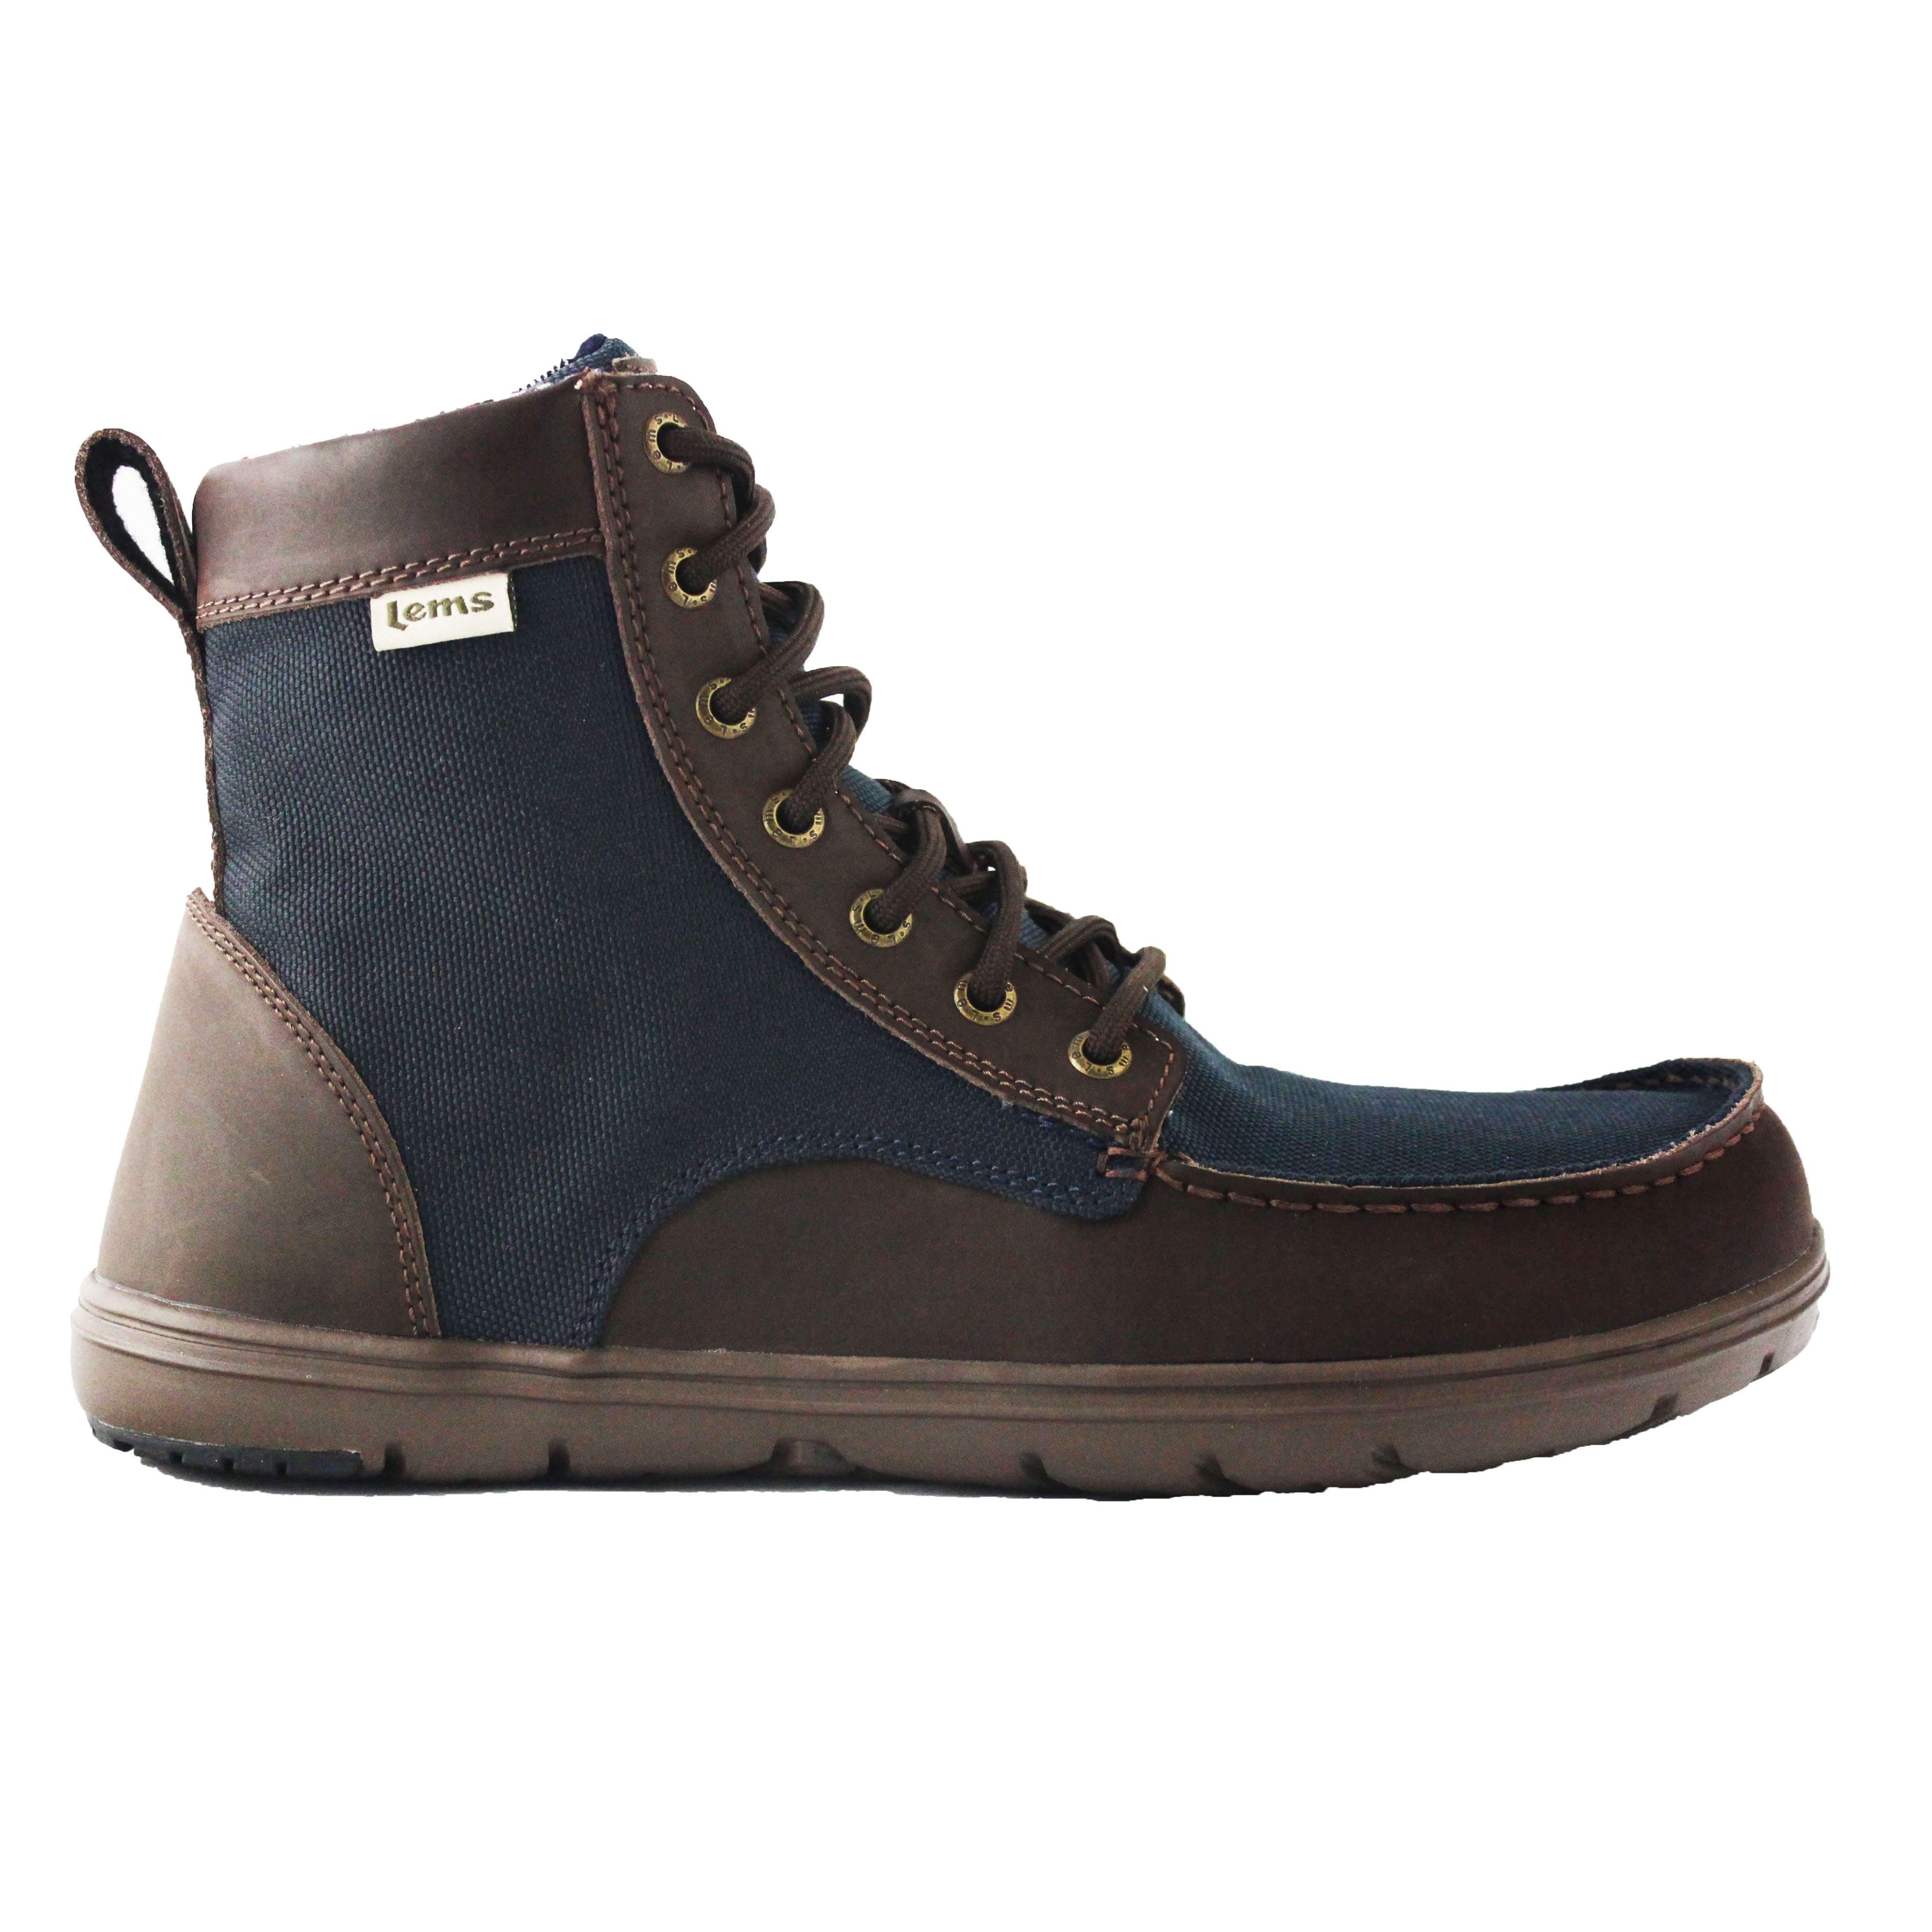 Wmlg58xkf6 lems shoes boulder boot 0 original